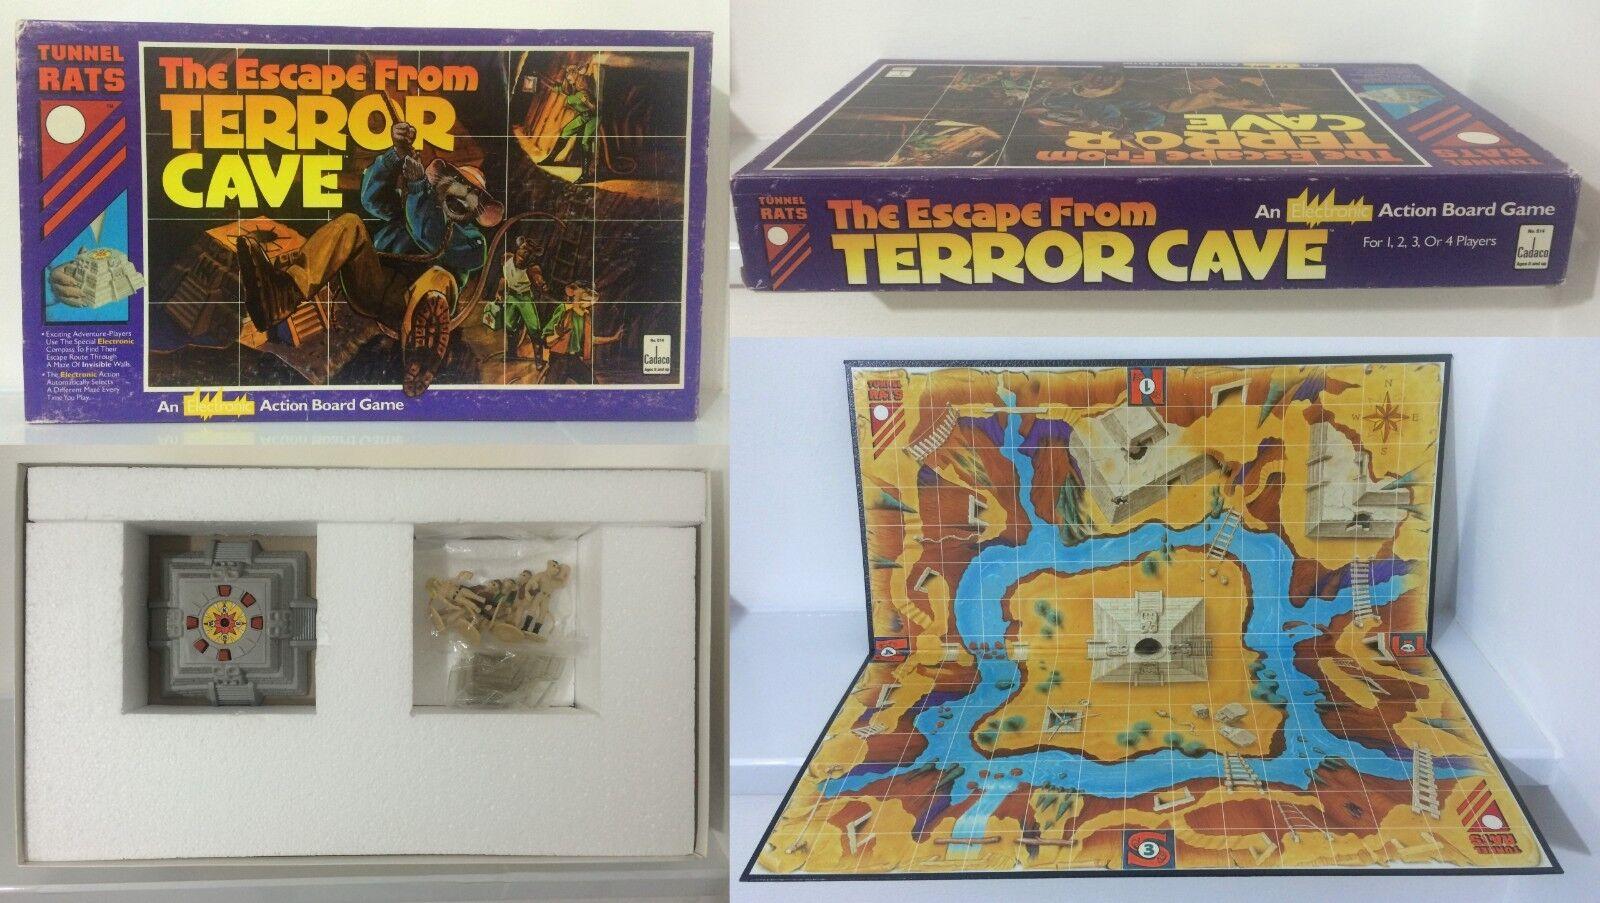 alta qualità e spedizione veloce The Escape From Terror Cave Tunnel Rats Electronic Electronic Electronic tavola gioco USA 1990 Vintage  sconti e altro